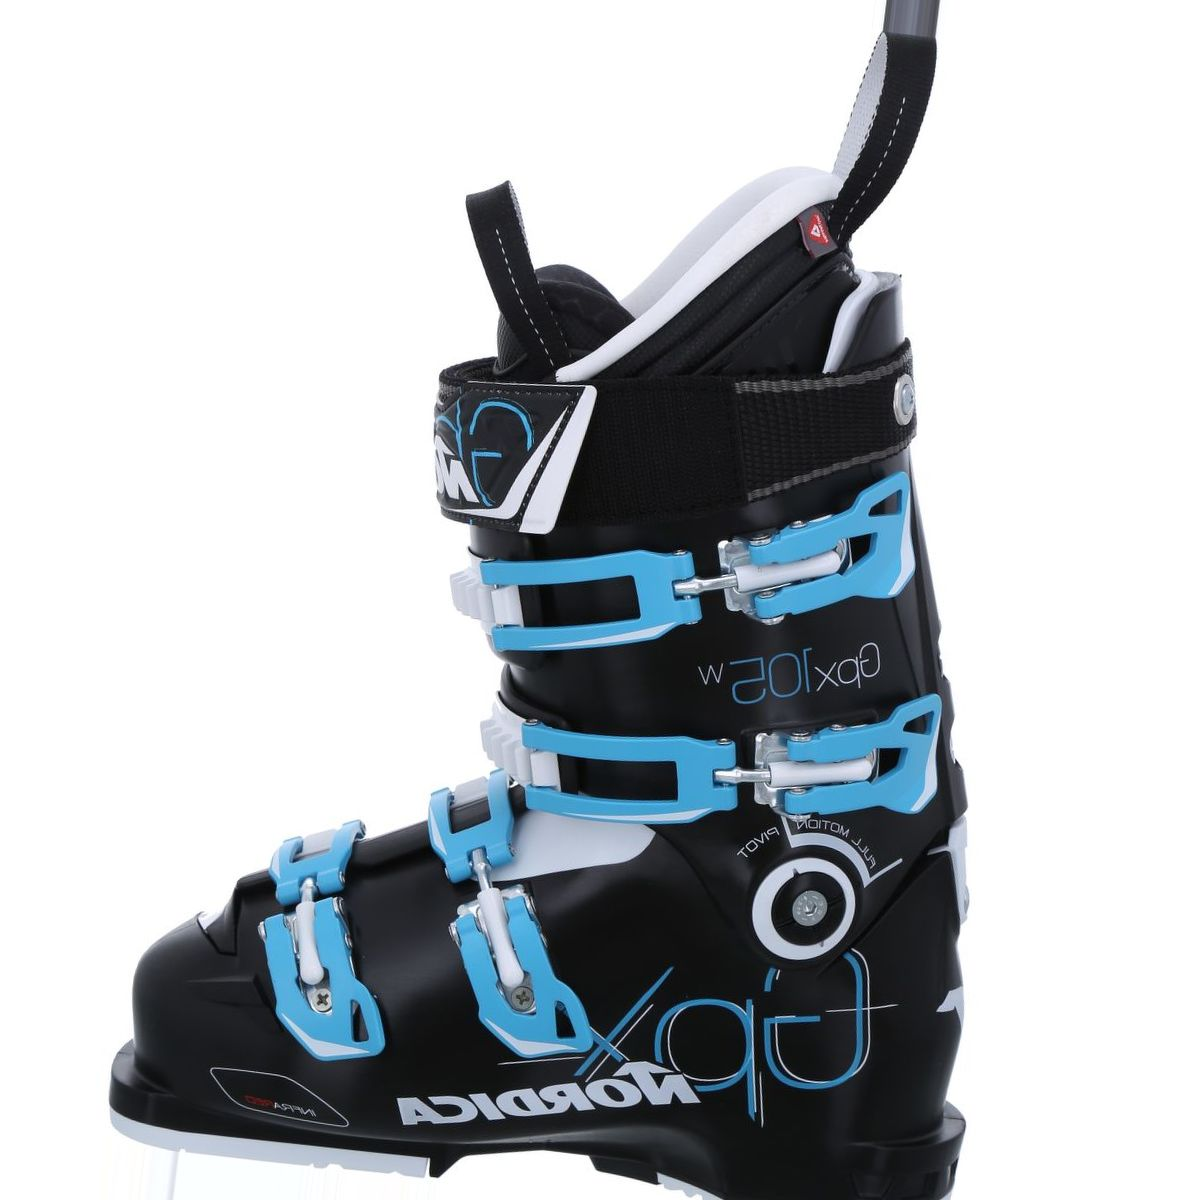 Nordica GPX 105 Ski Boot - Women's